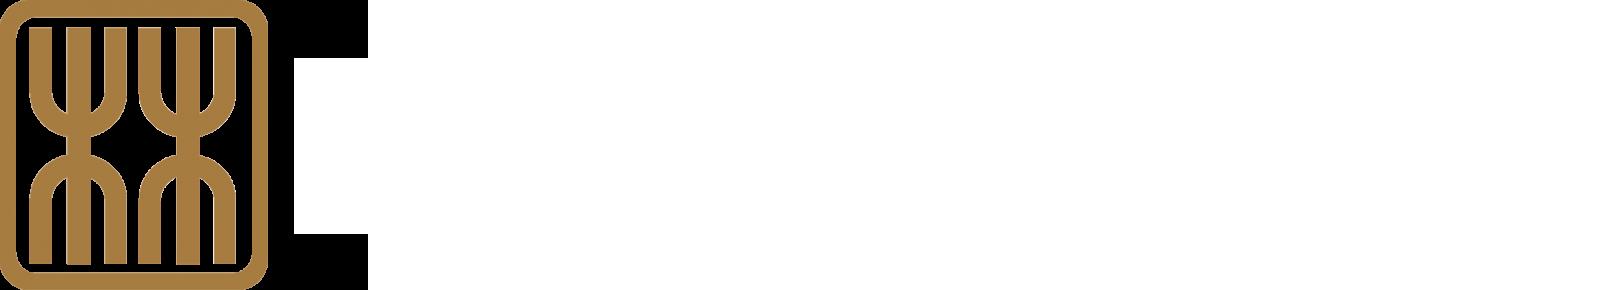 tuan-sing-holdings